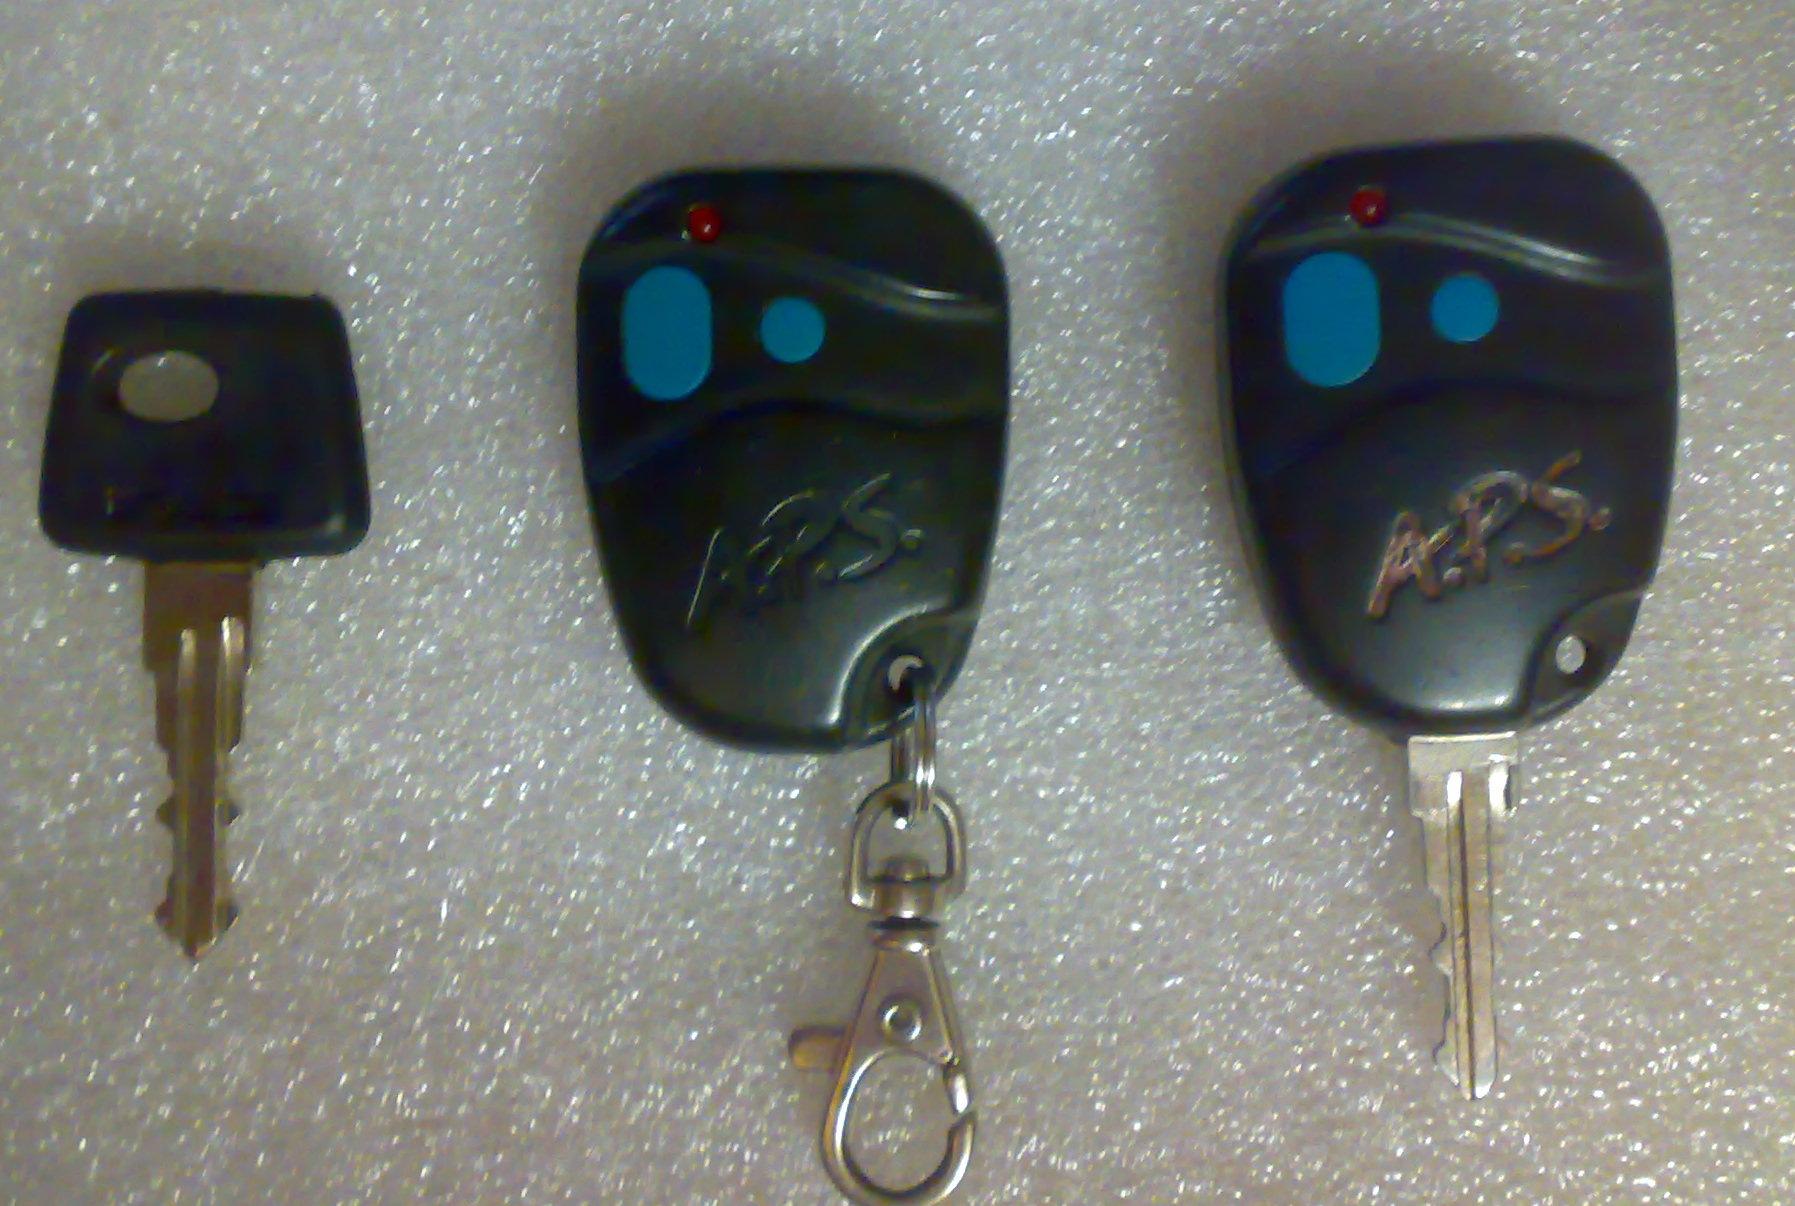 Выкидной ключ для ваз своими руками бортжурнал Лада 2112 89